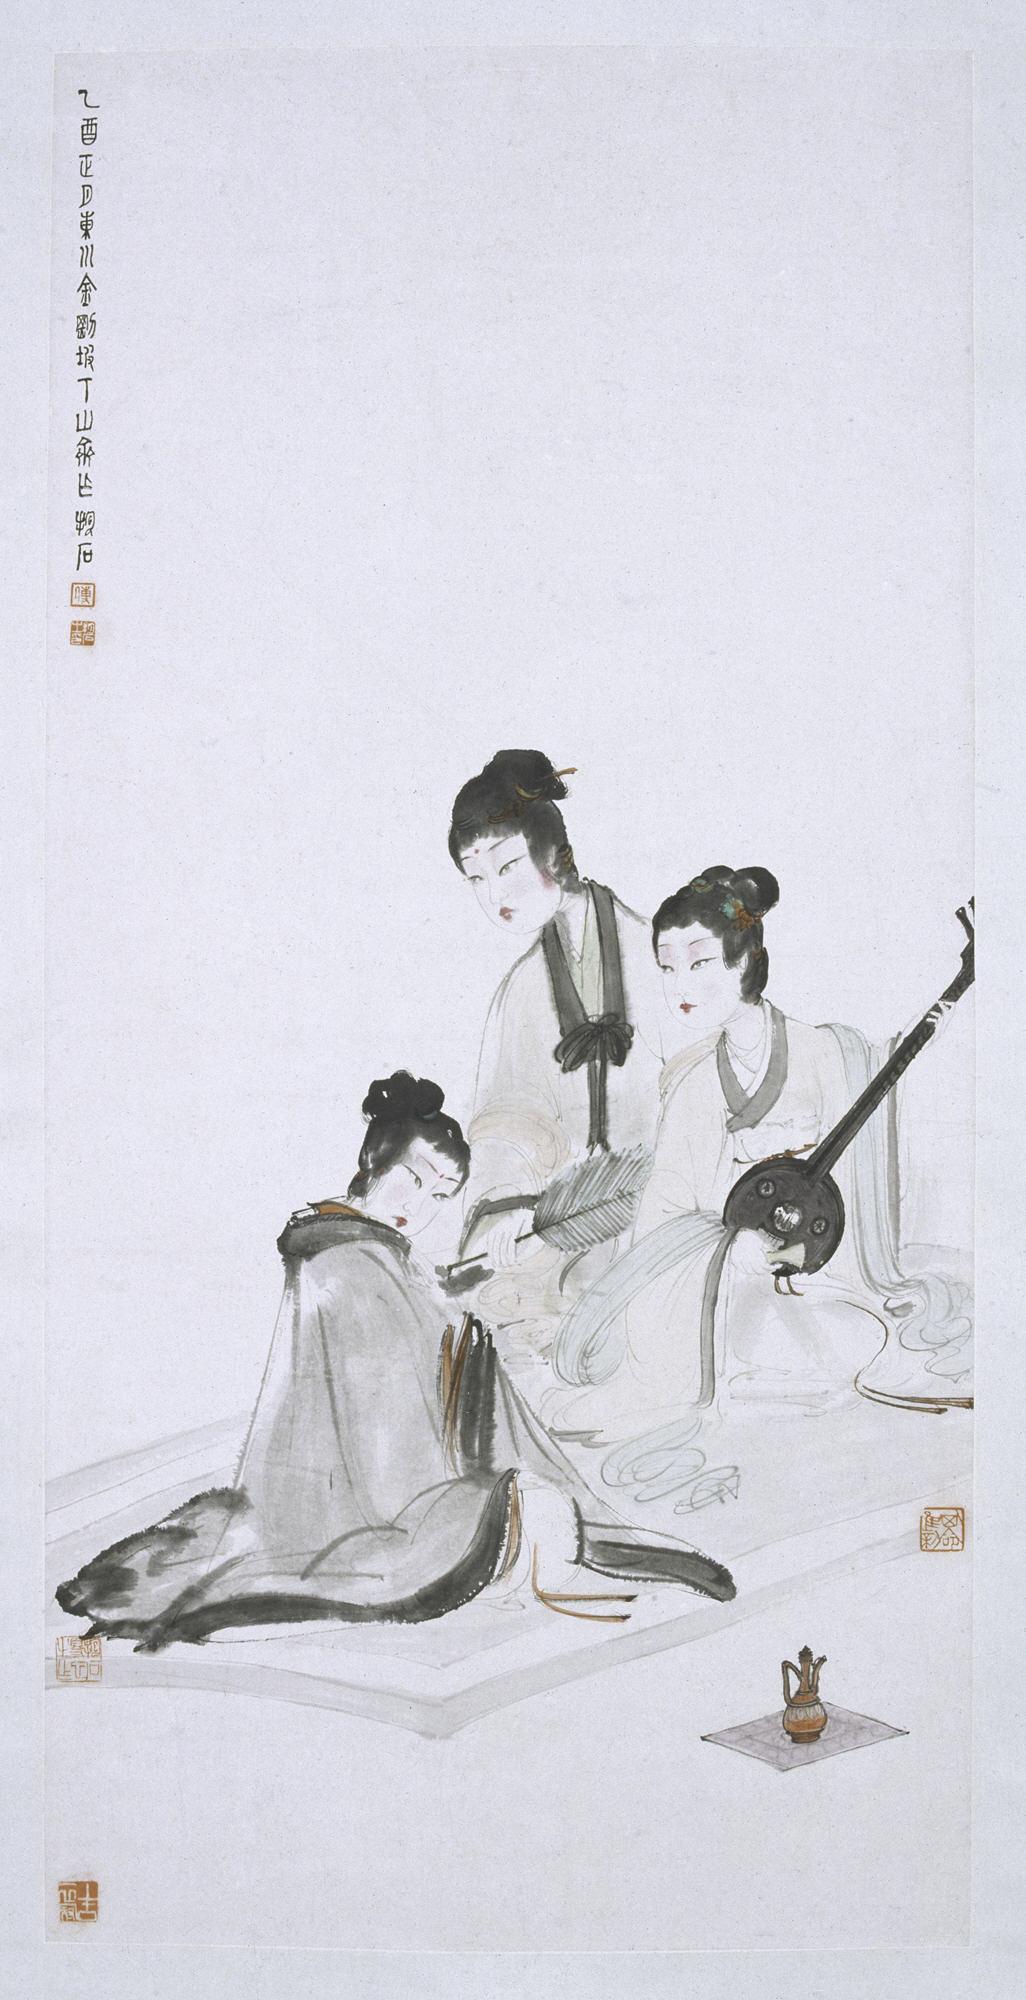 傅抱石 1945年 擘阮图